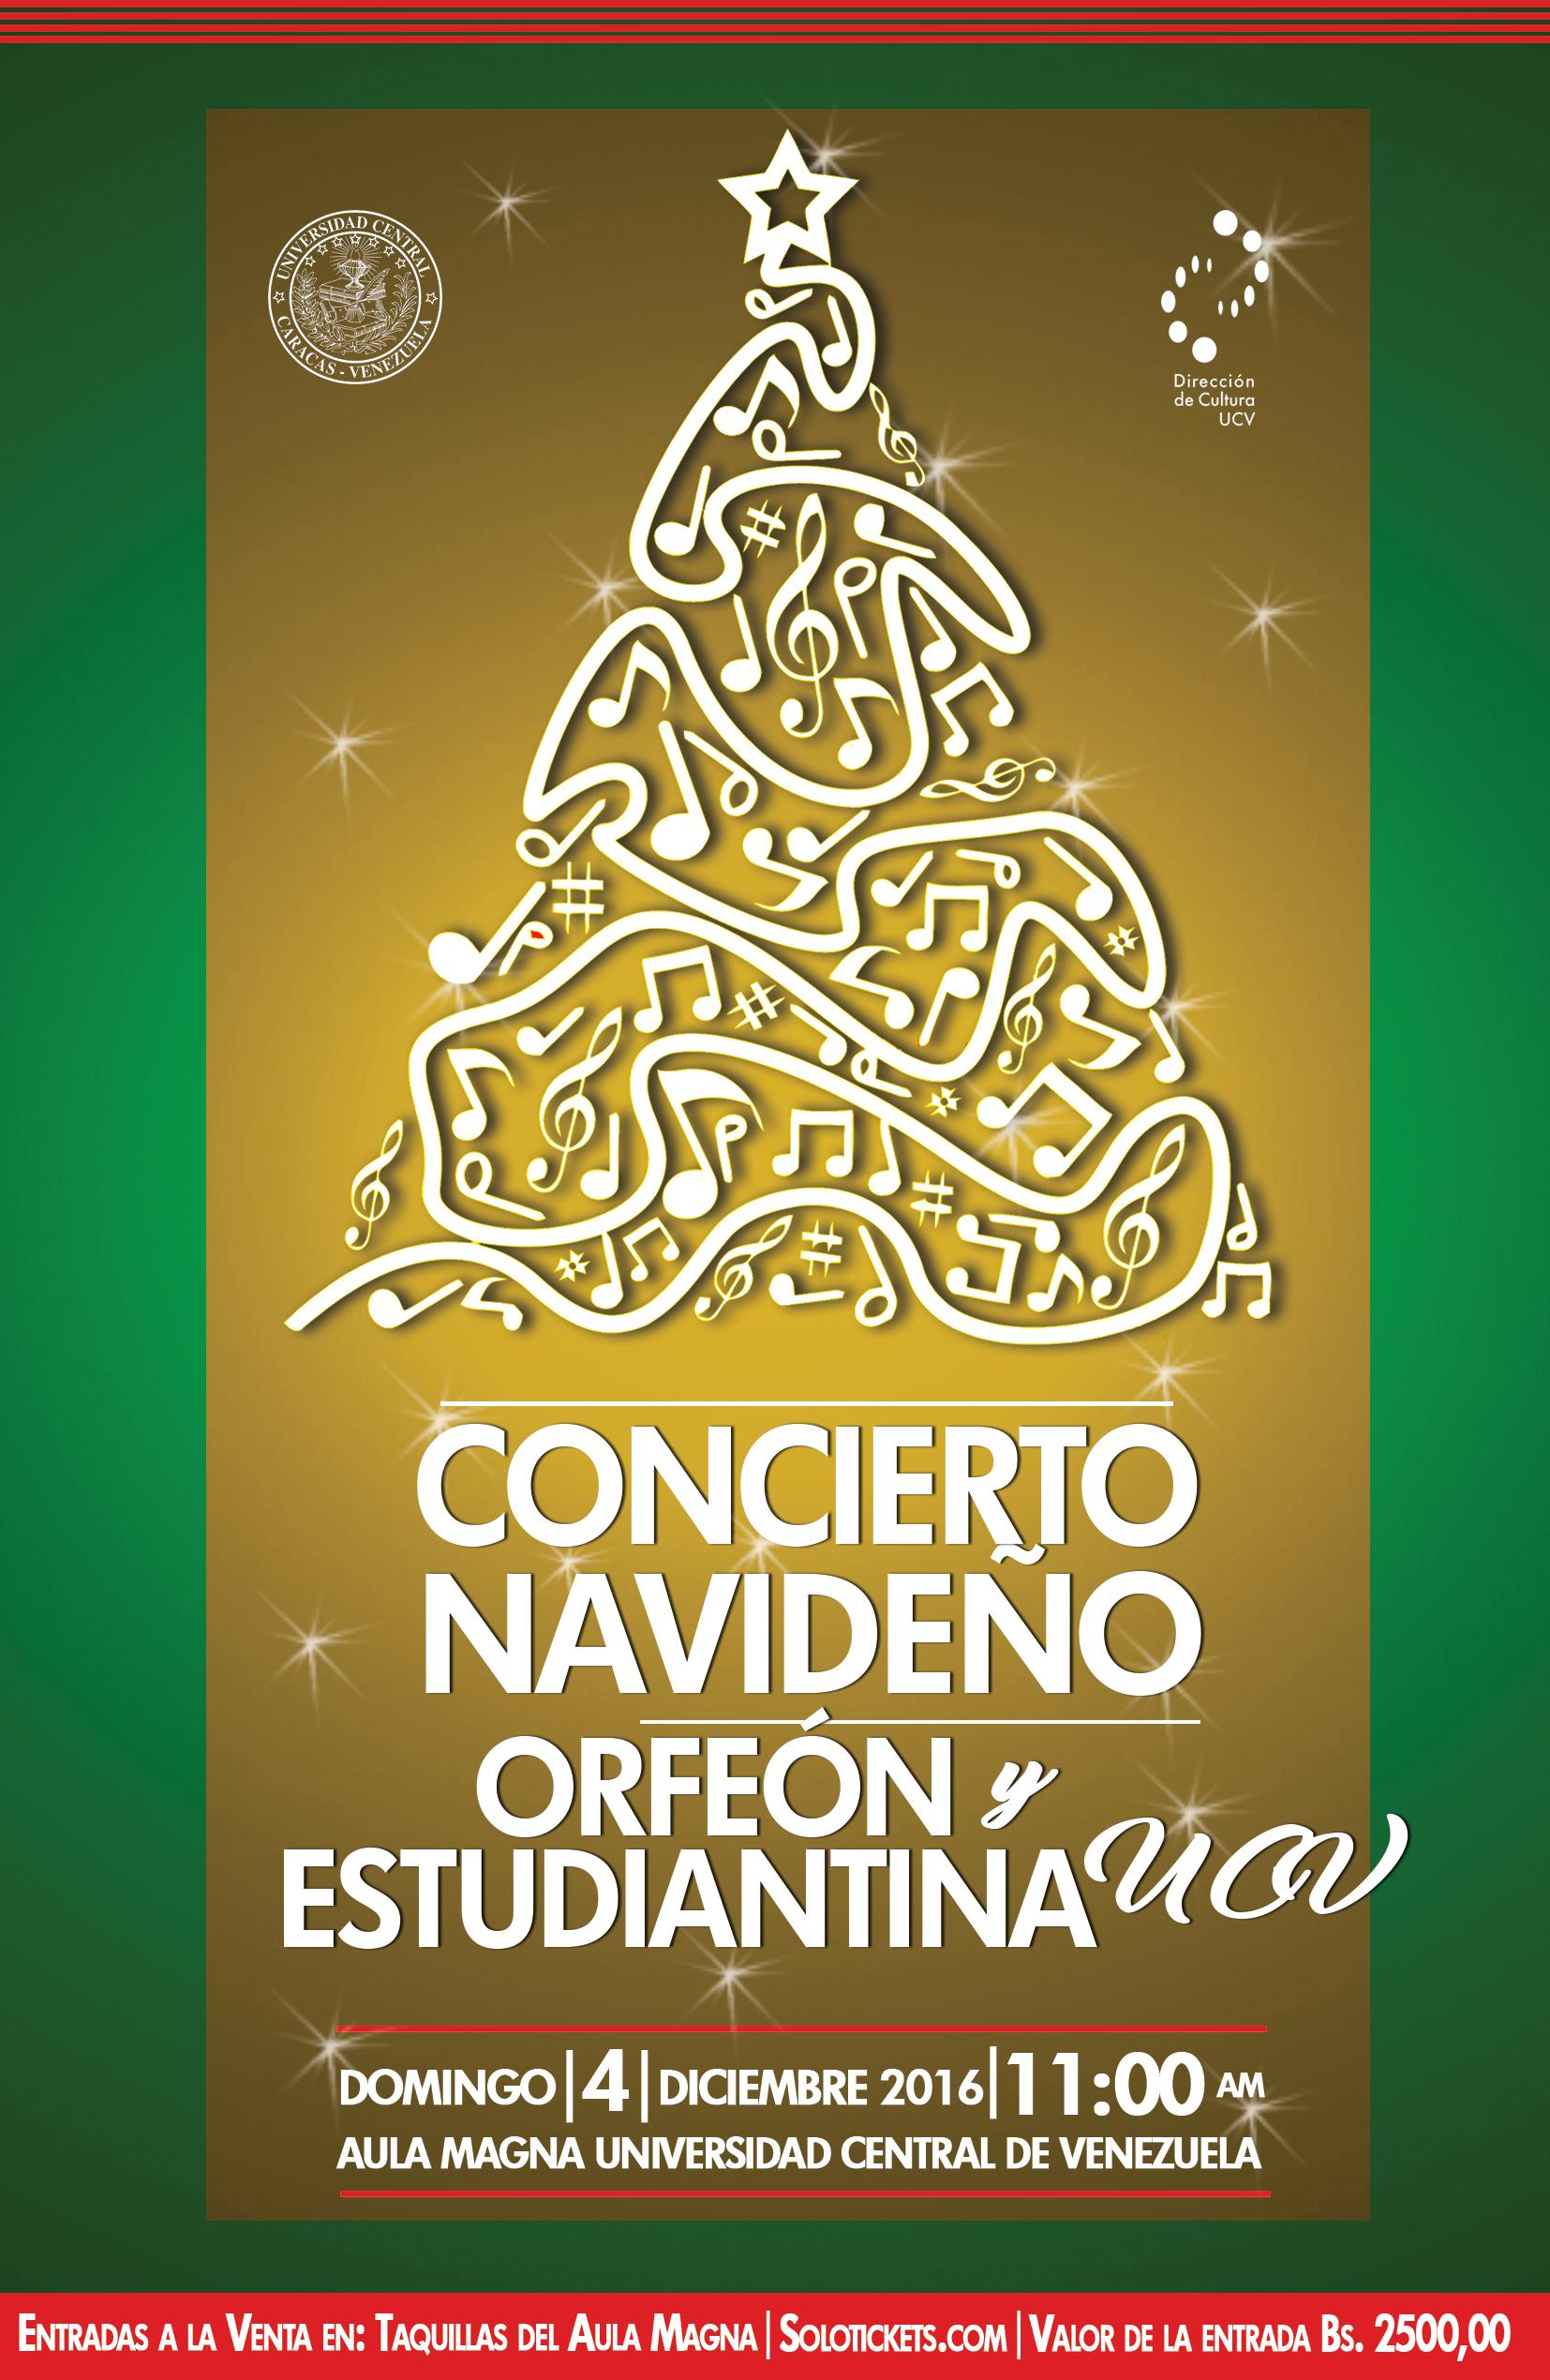 concierto-navideno-afiche-web